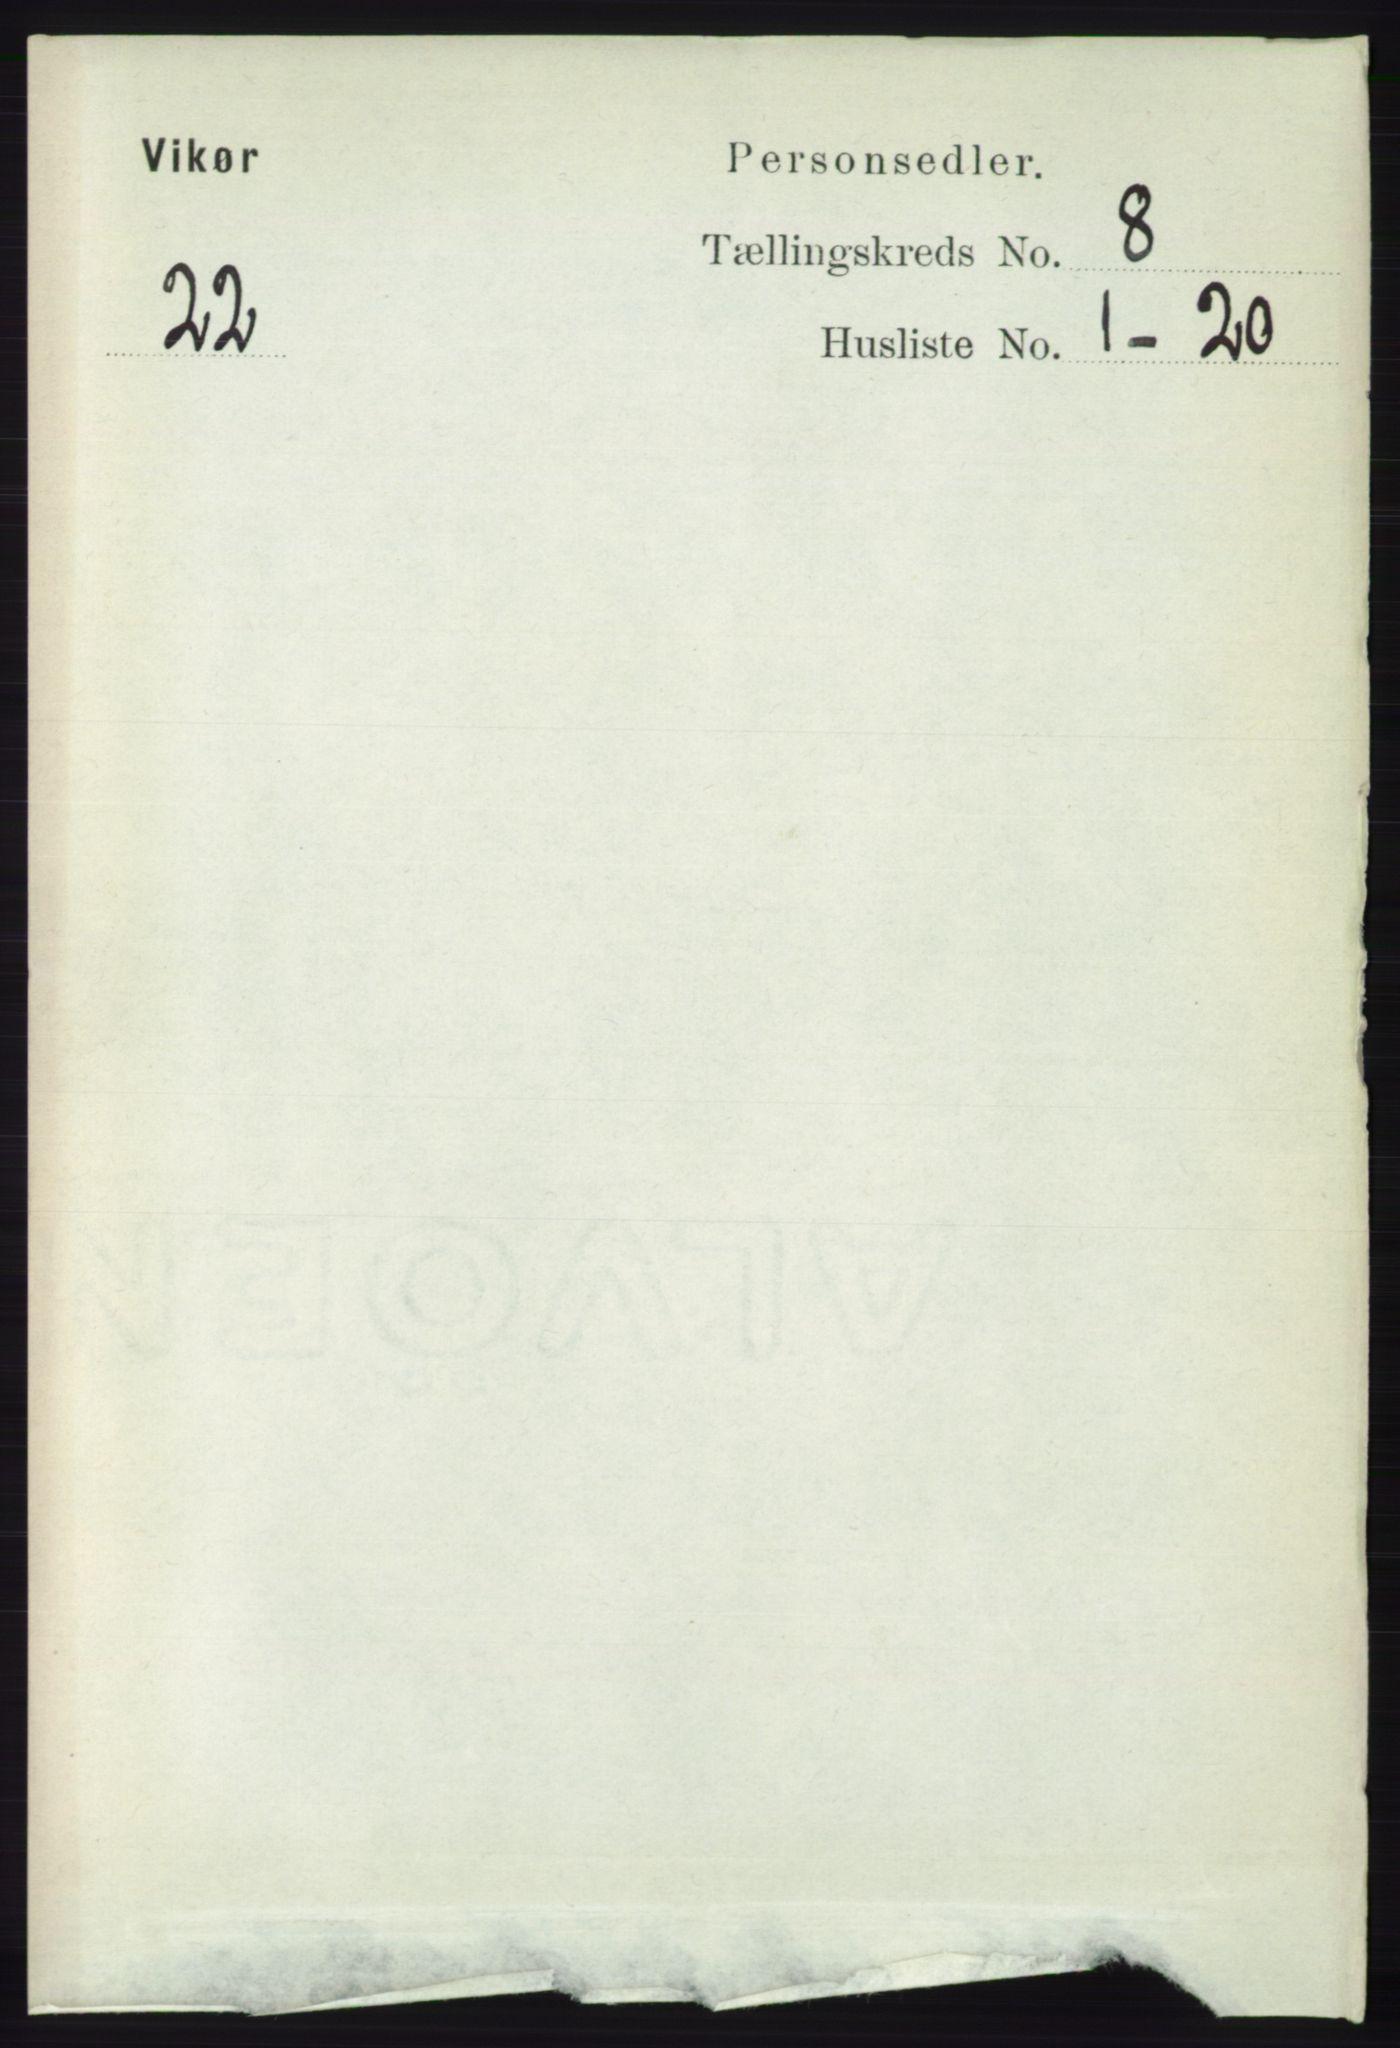 RA, Folketelling 1891 for 1238 Vikør herred, 1891, s. 2322